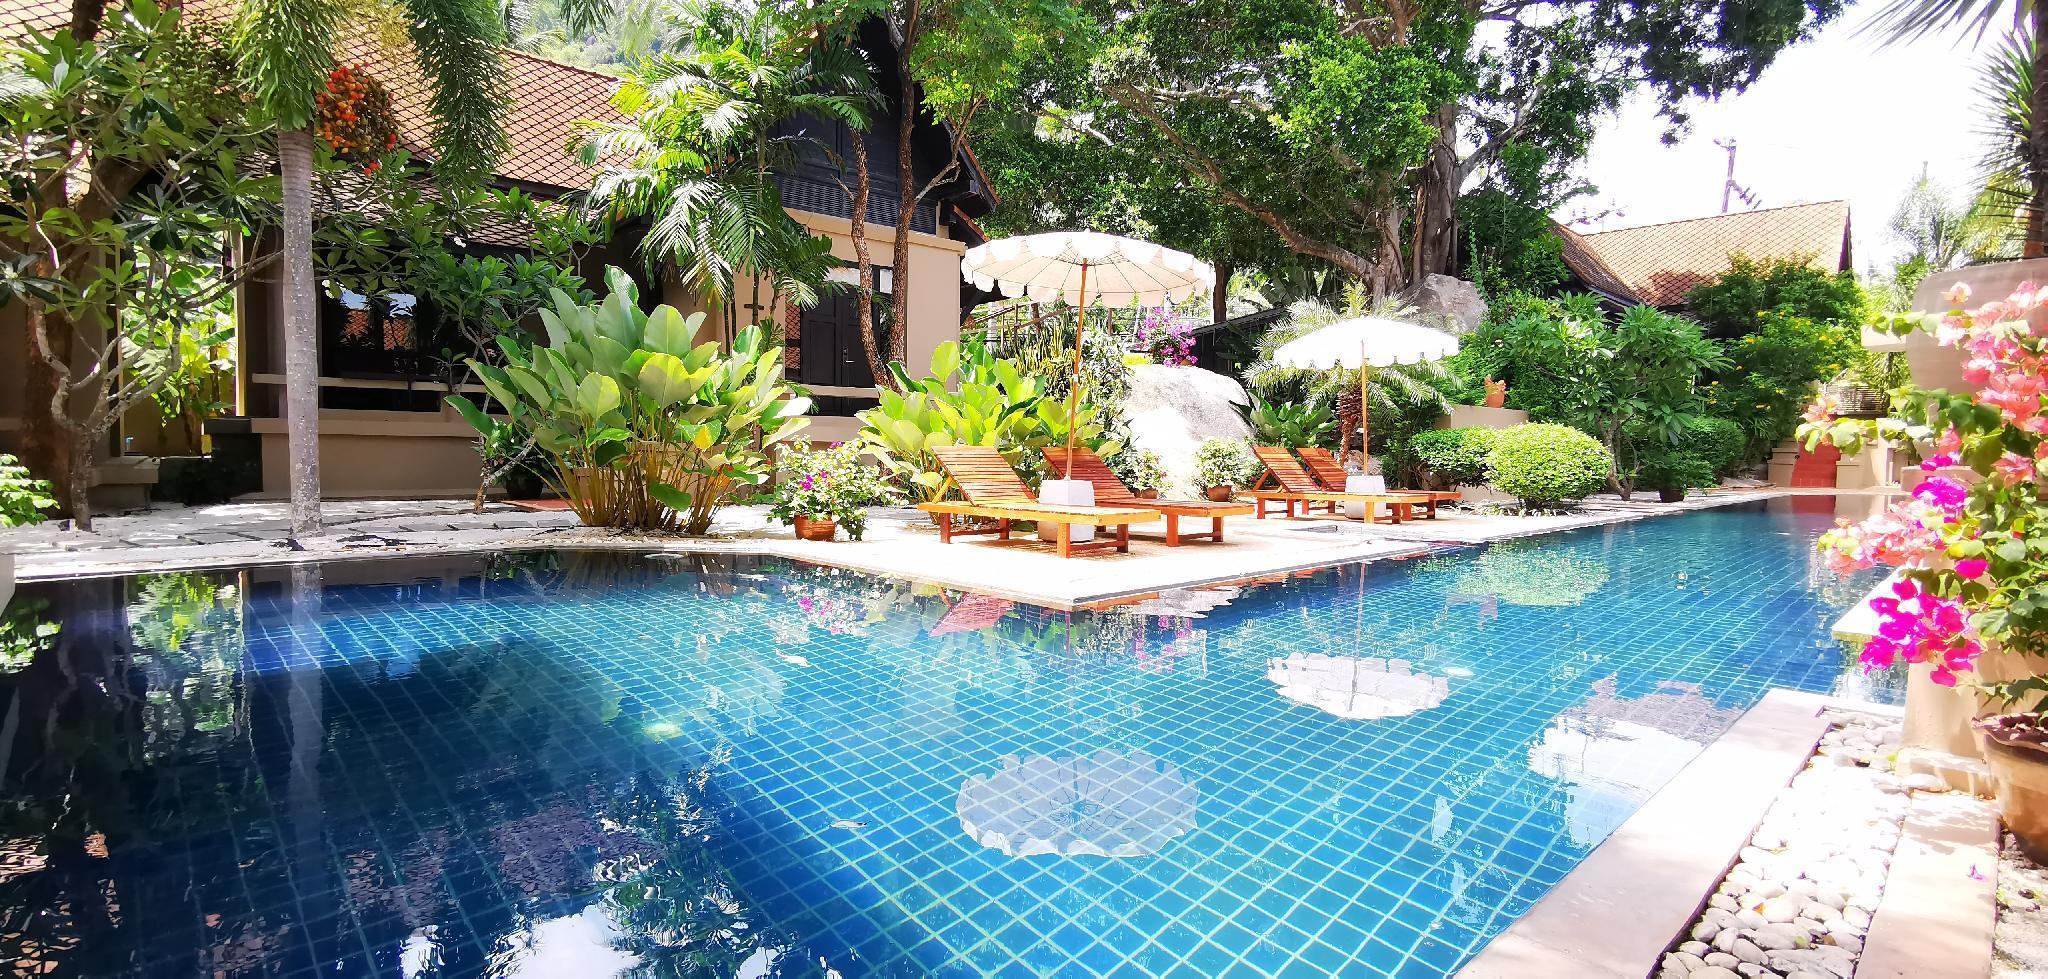 Montra Hotel Koh Samui   1-villa 1-bedroom วิลลา 1 ห้องนอน 1 ห้องน้ำส่วนตัว ขนาด 75 ตร.ม. – หน้าเมือง